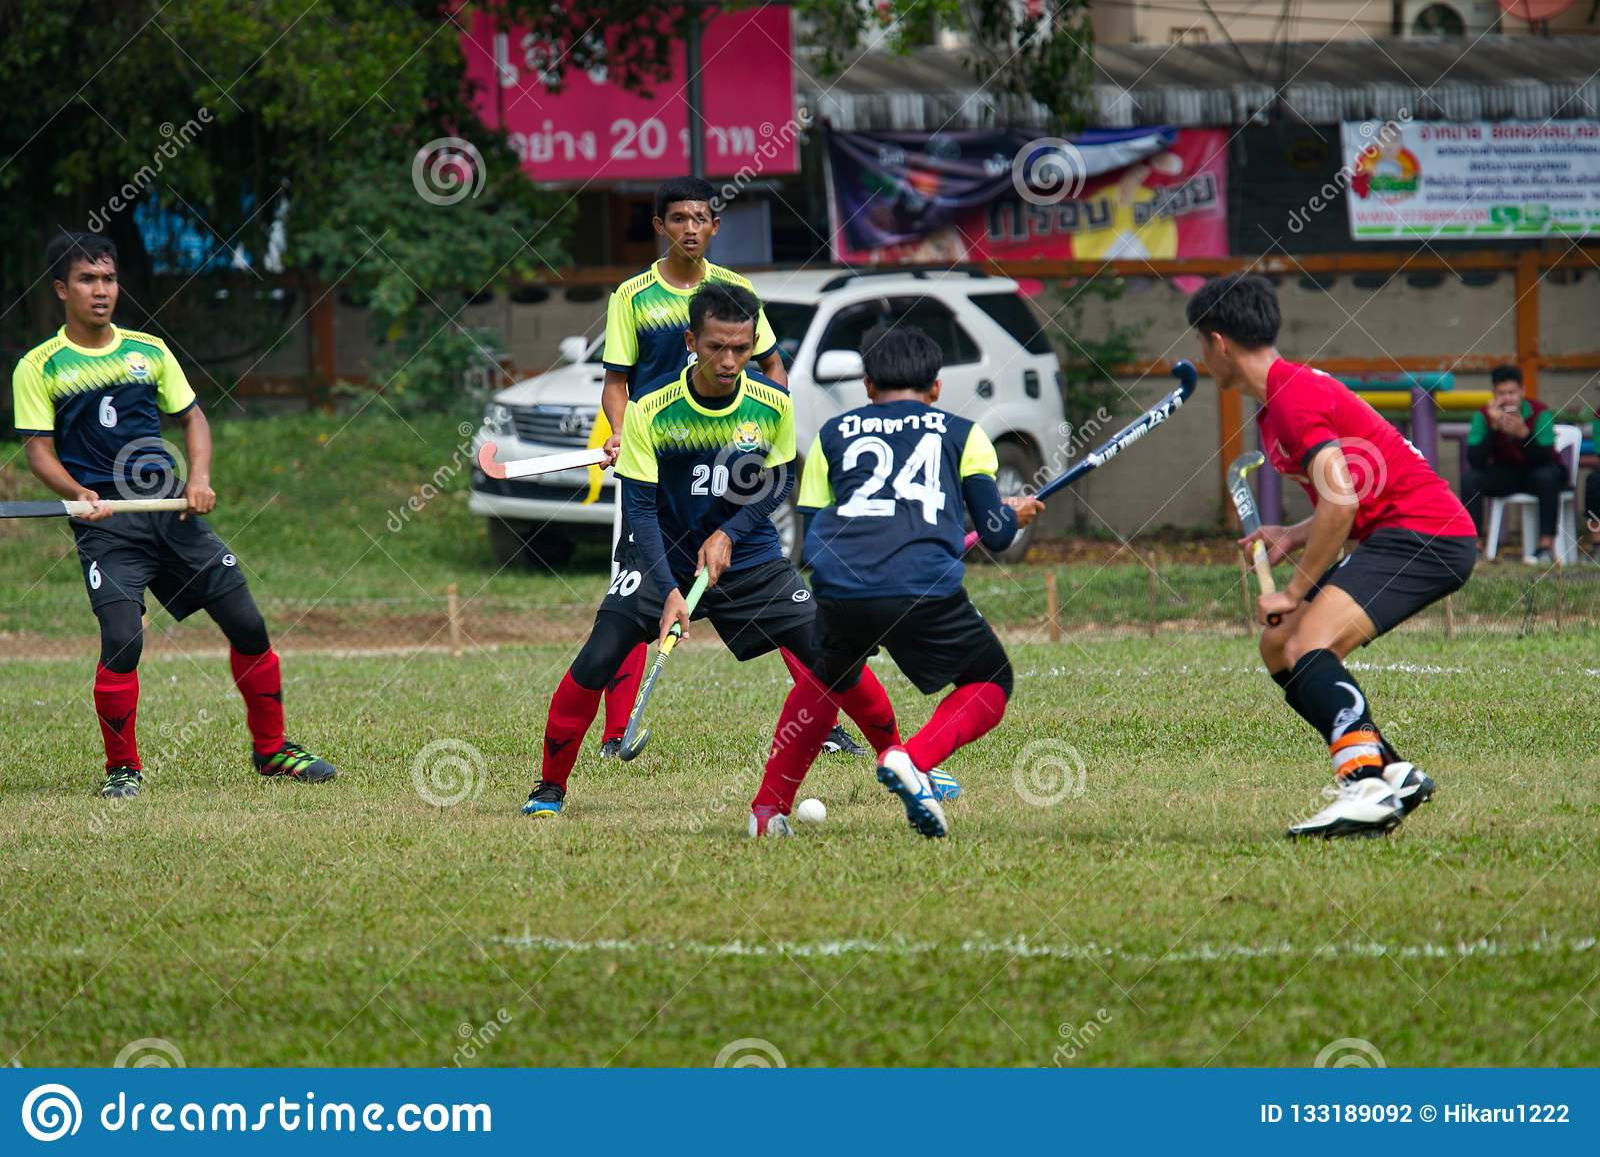 υπαίθριο χόκεϋ Παίκτης χόκεϋ στη δράση κατά τη διάρκεια των εθνικών παιχνιδιών της Ταϊλάνδης